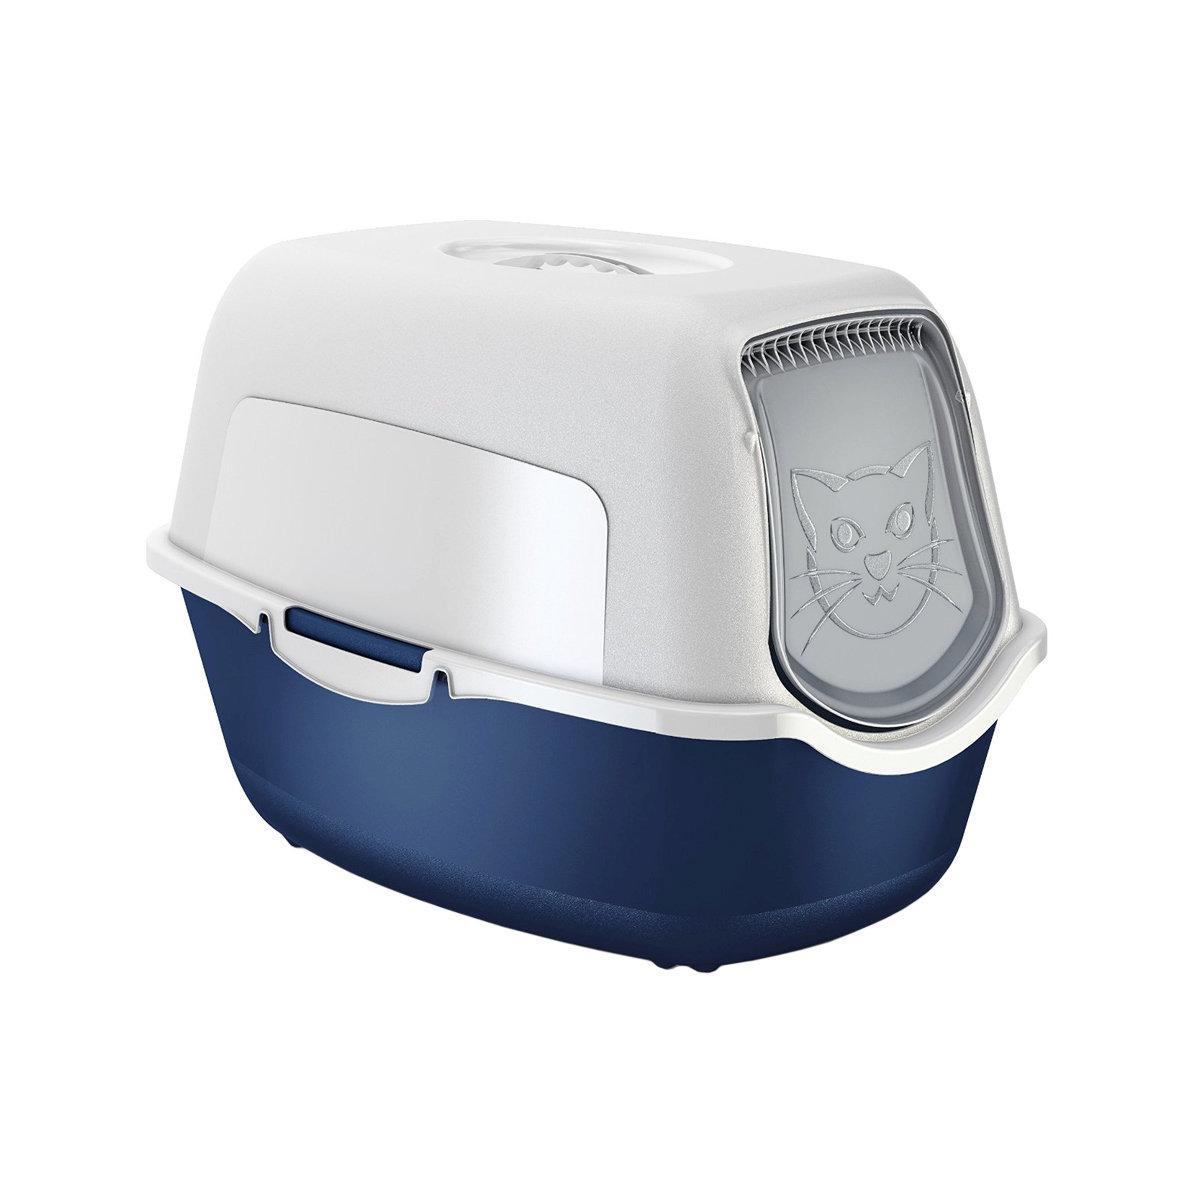 Туалет-домик для кошек ROTHO HYGIENE пластик 55,2х39х38,7см синий